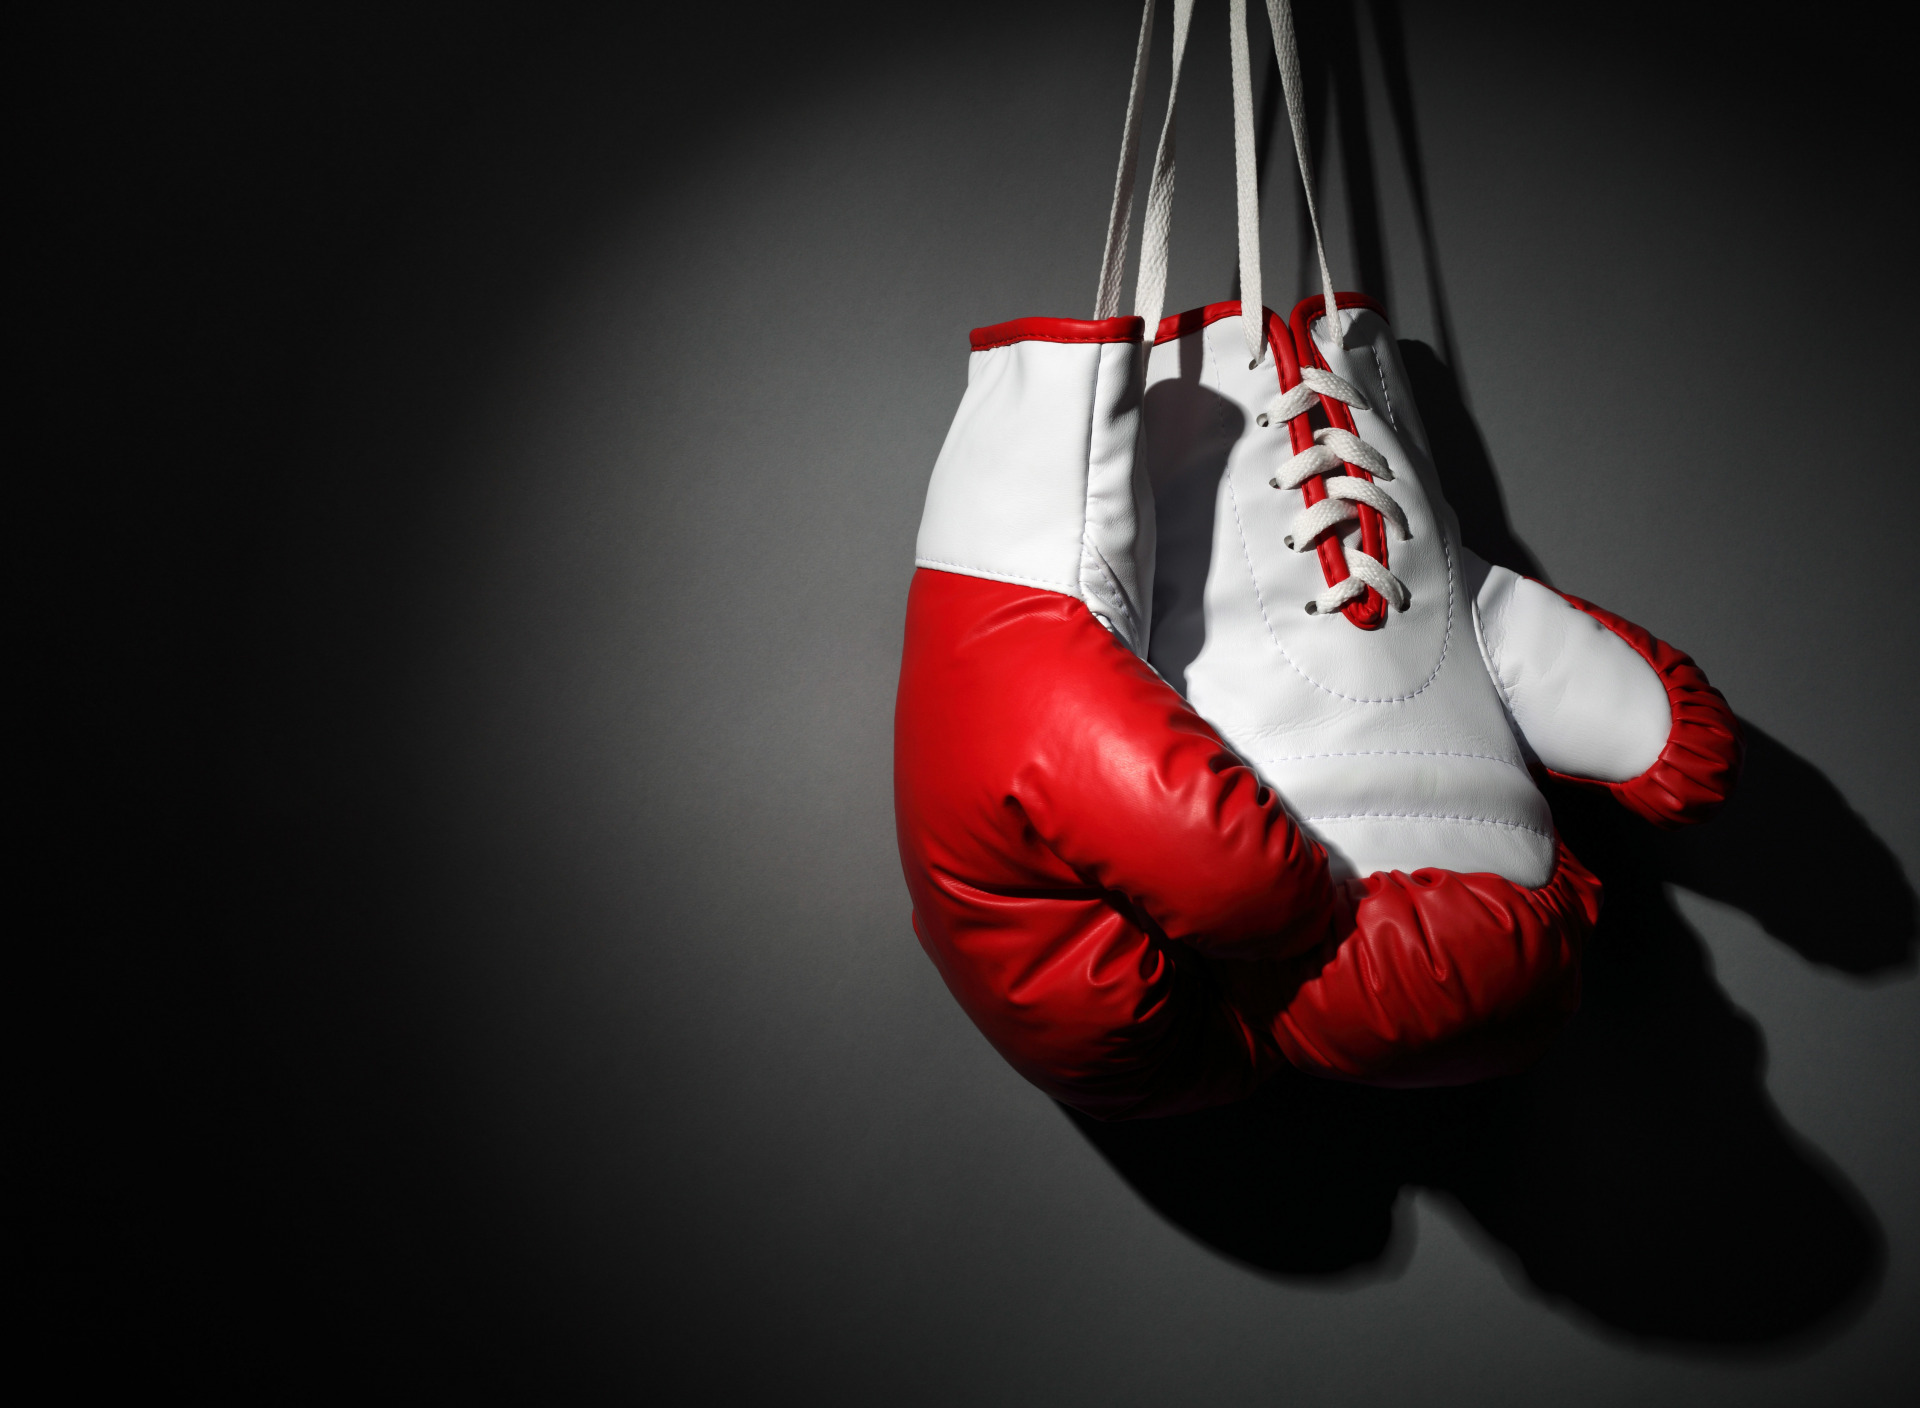 Картинки бокс широкоформатные